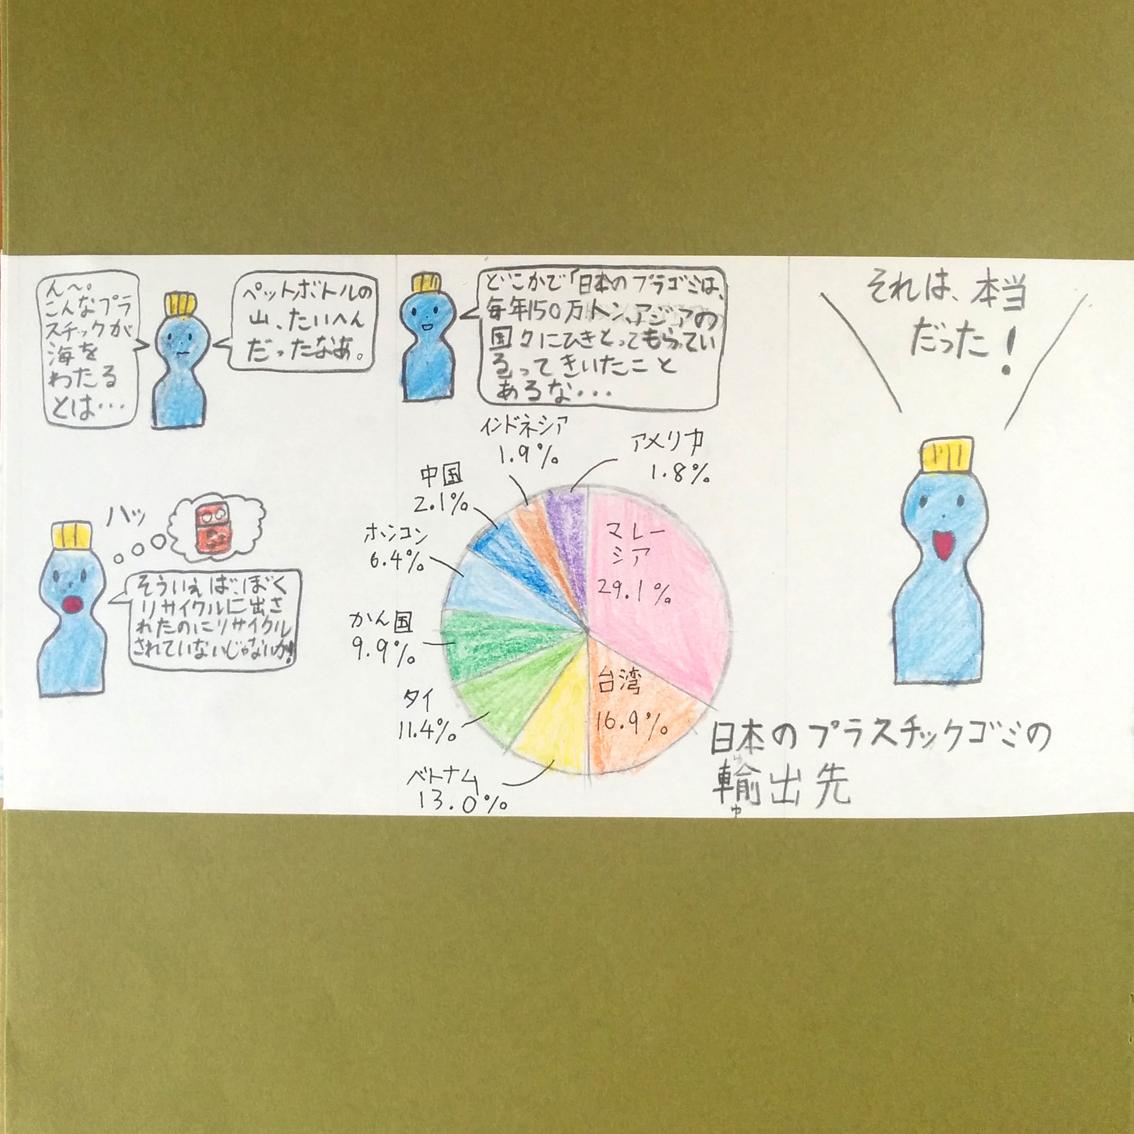 f:id:haruya-oyako:20210830102605j:plain